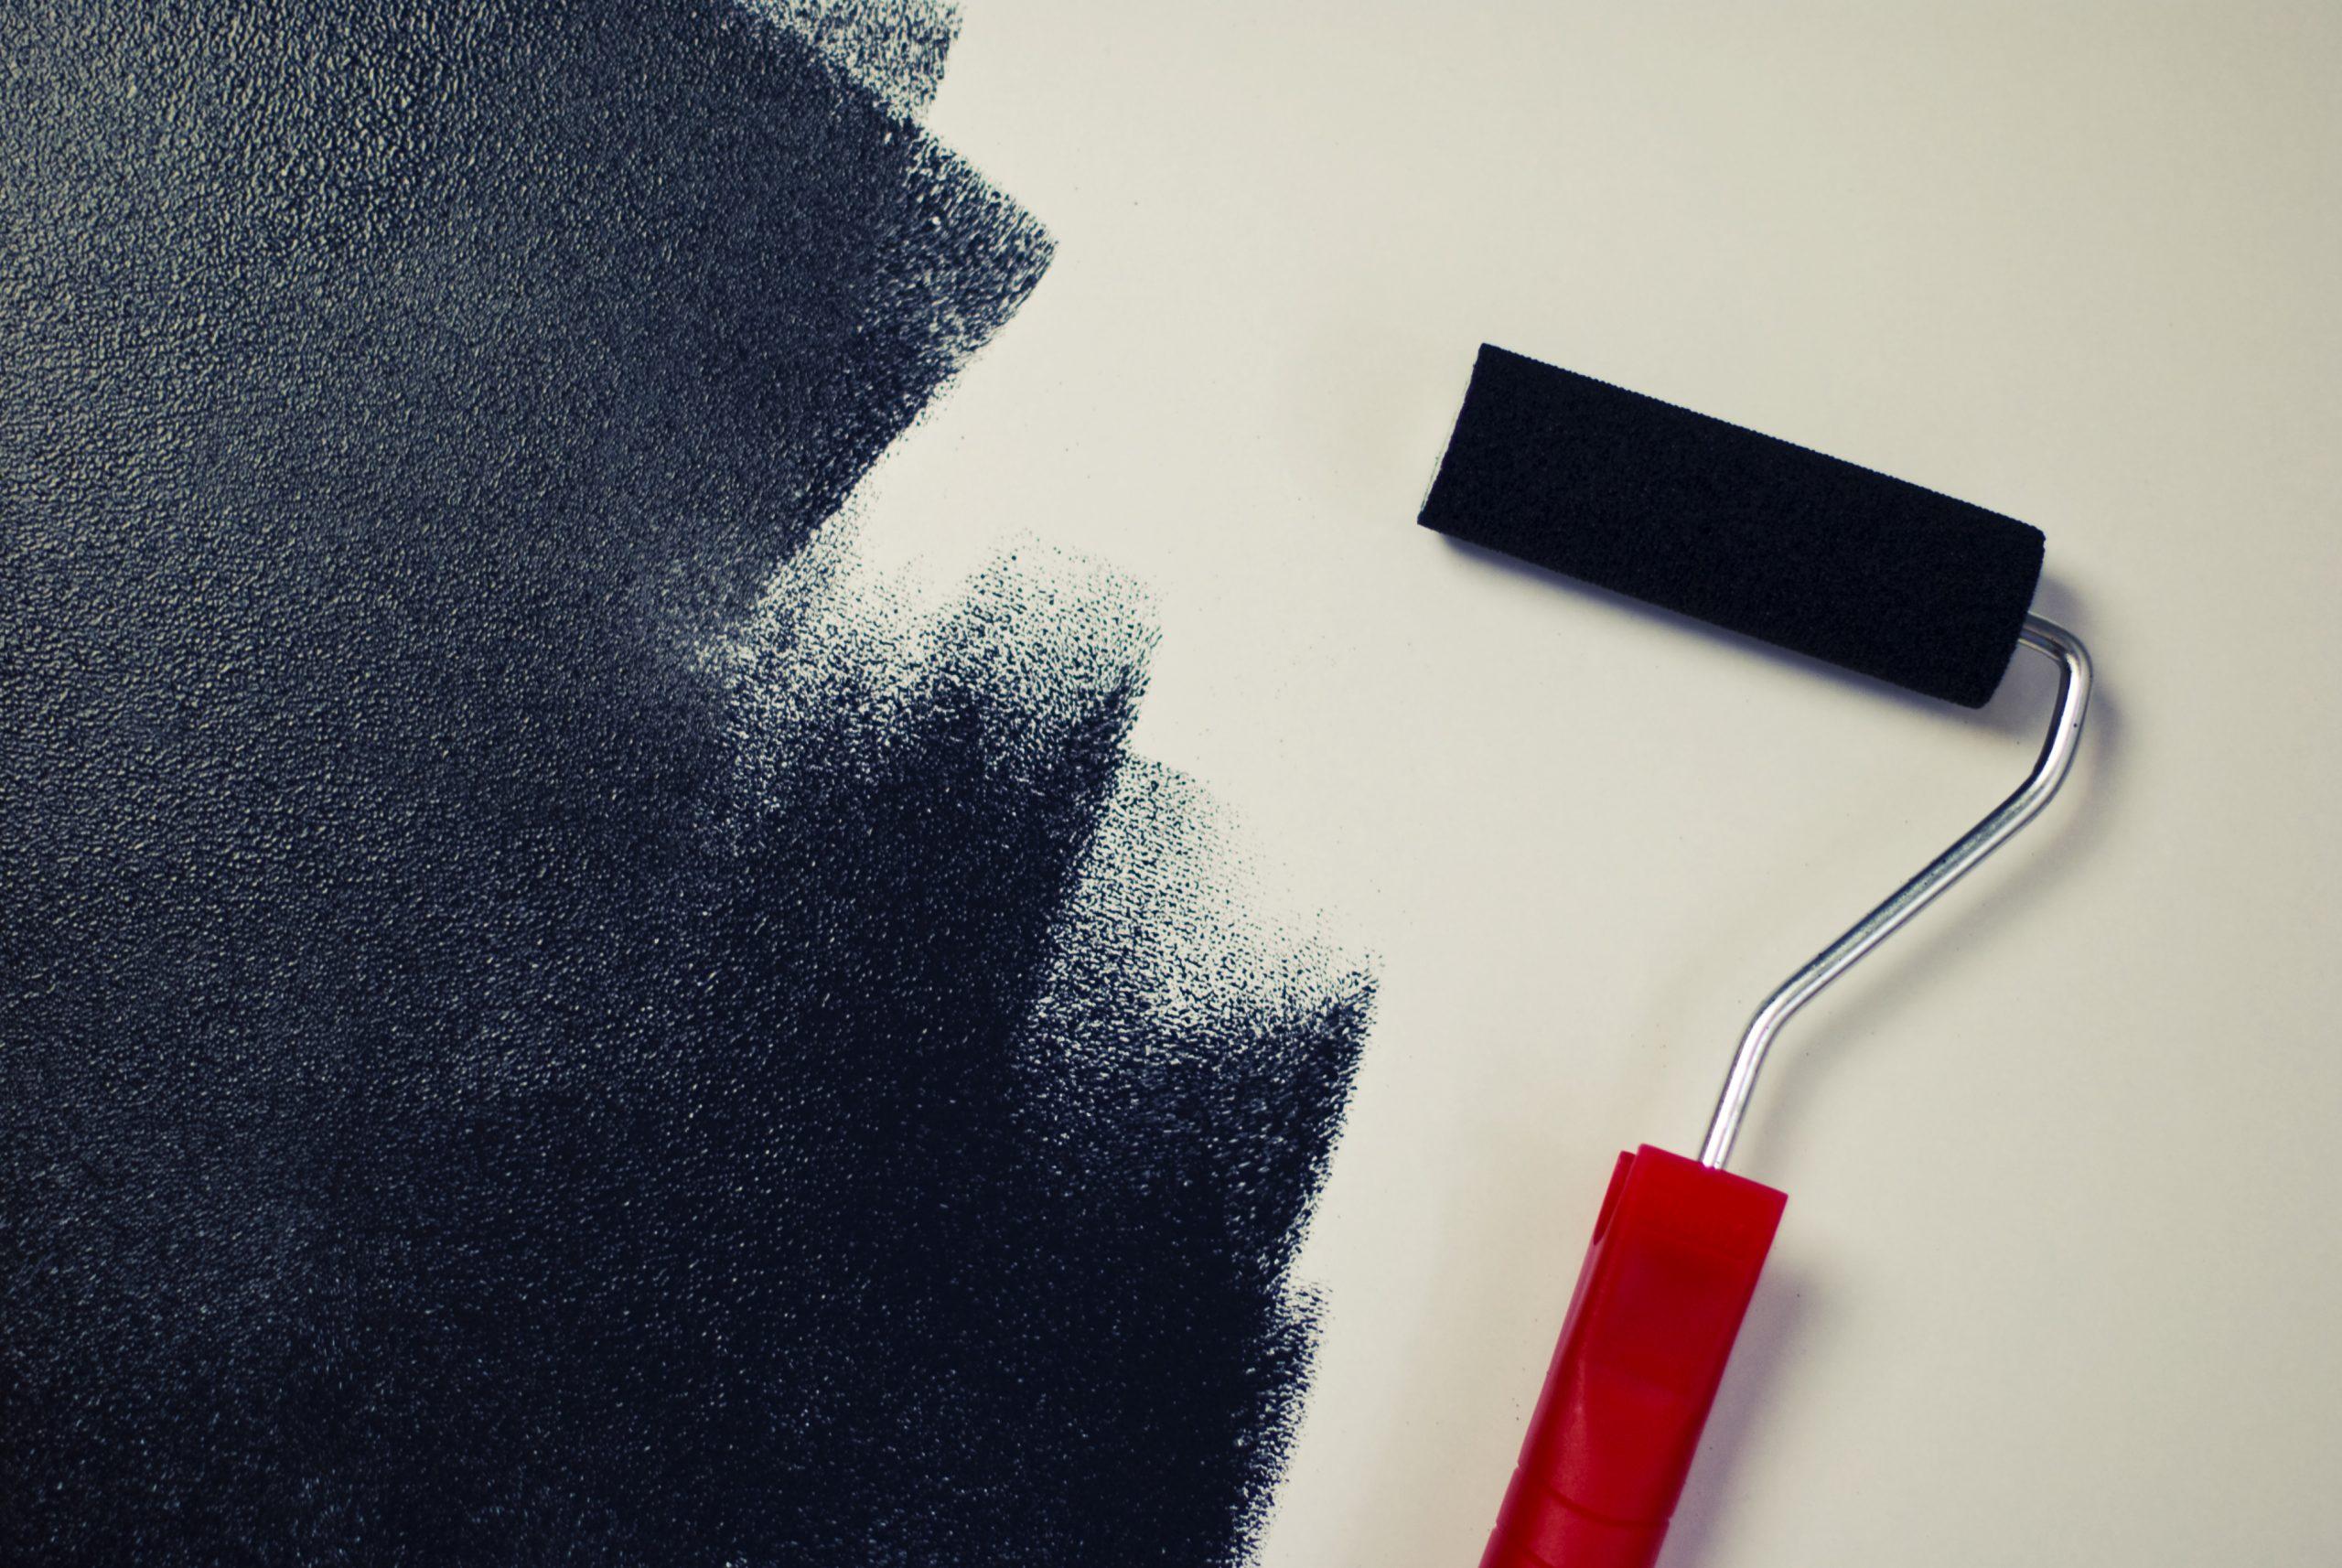 Peinturer une pièce : 7 étapes simples